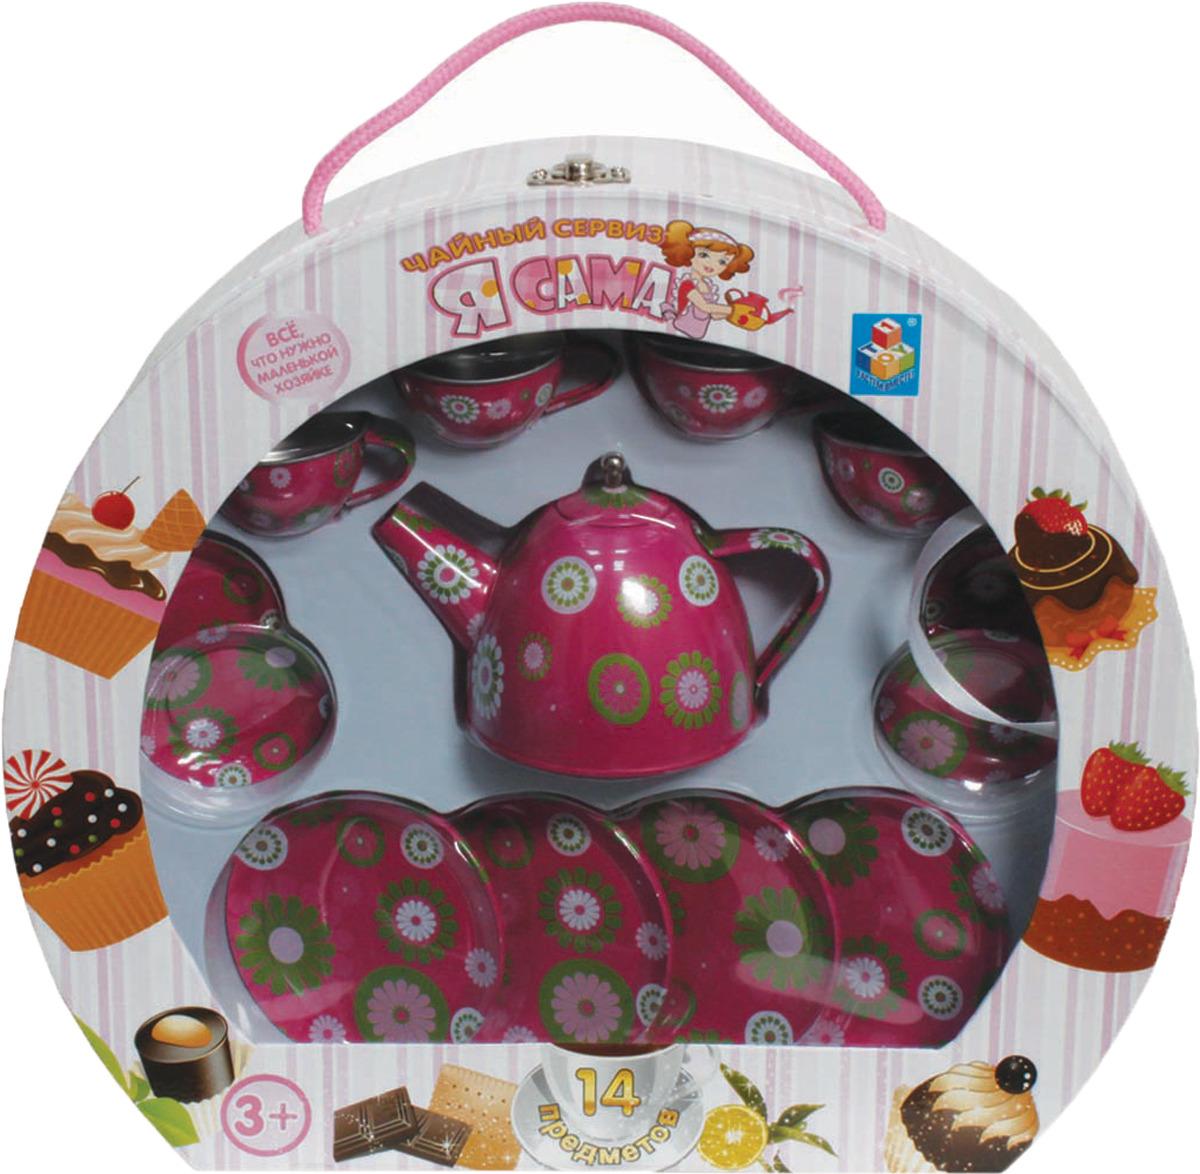 Игровой набор посуды 1TOY Я сама, Т58758, 14 предметов чайный набор 1toy я сама металлическая 9438 в ассортименте